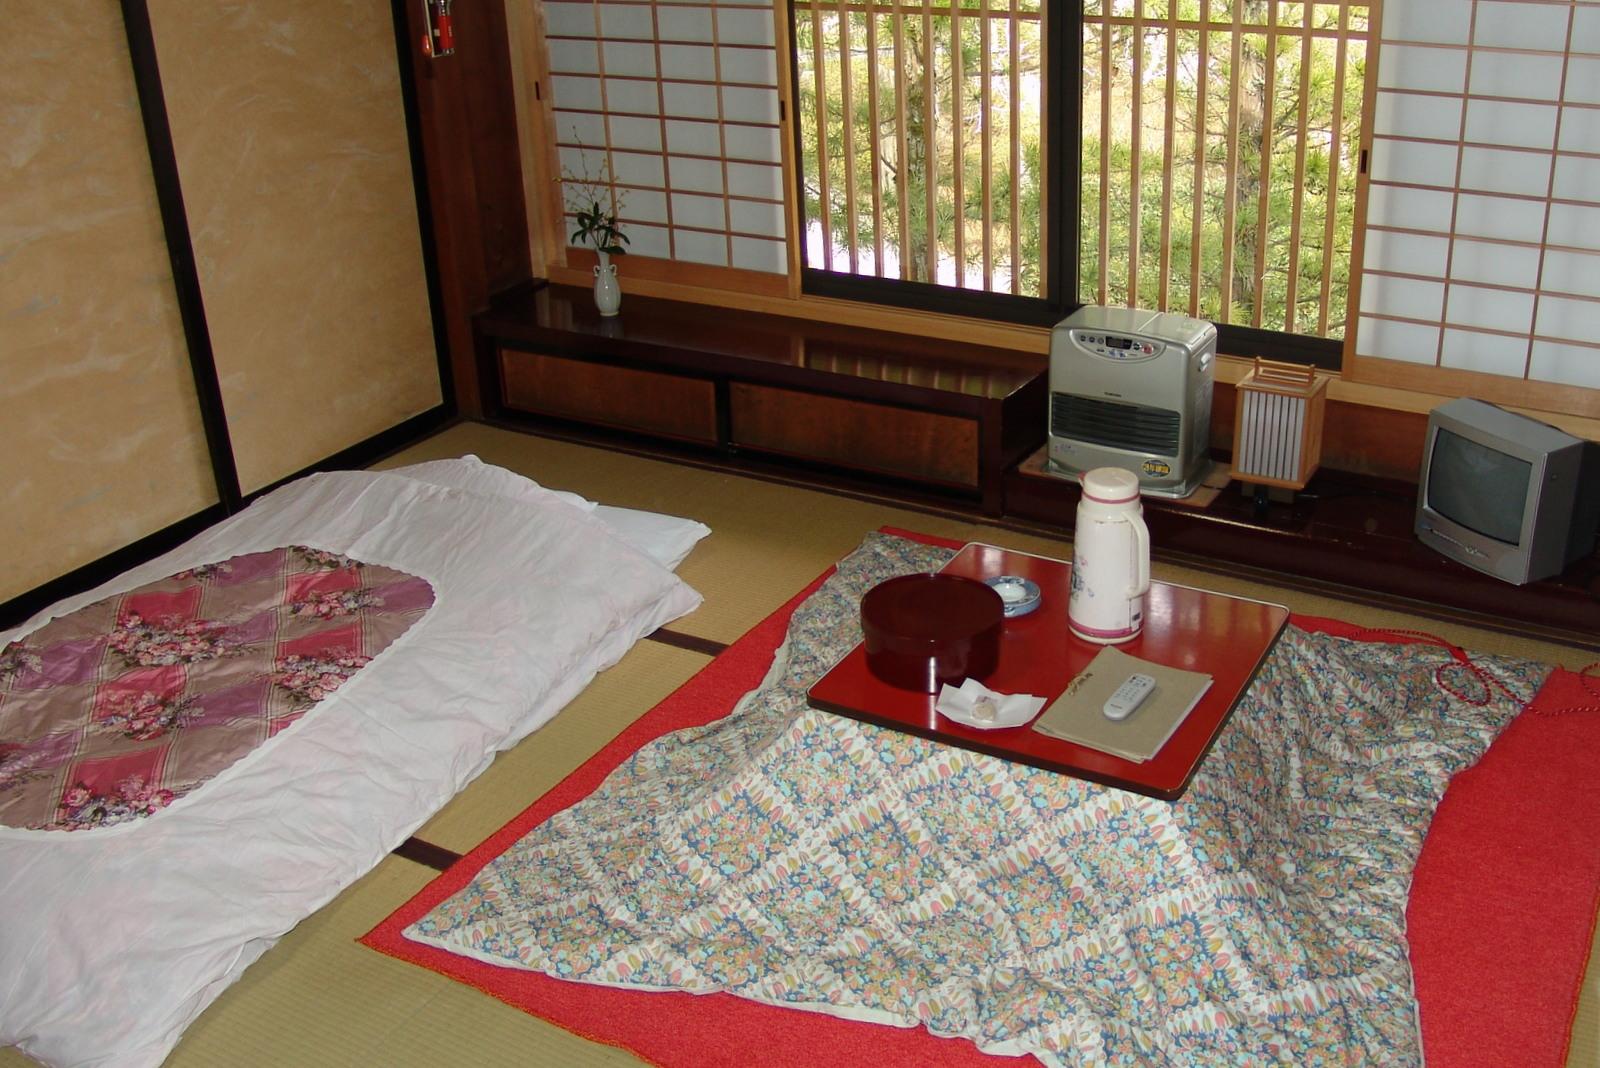 Japanilainen huone talviasussaan. Vasemmalla futon (sänky), oikealla kotatsu (pöytä). Kuva: Flickr/Flowizm.